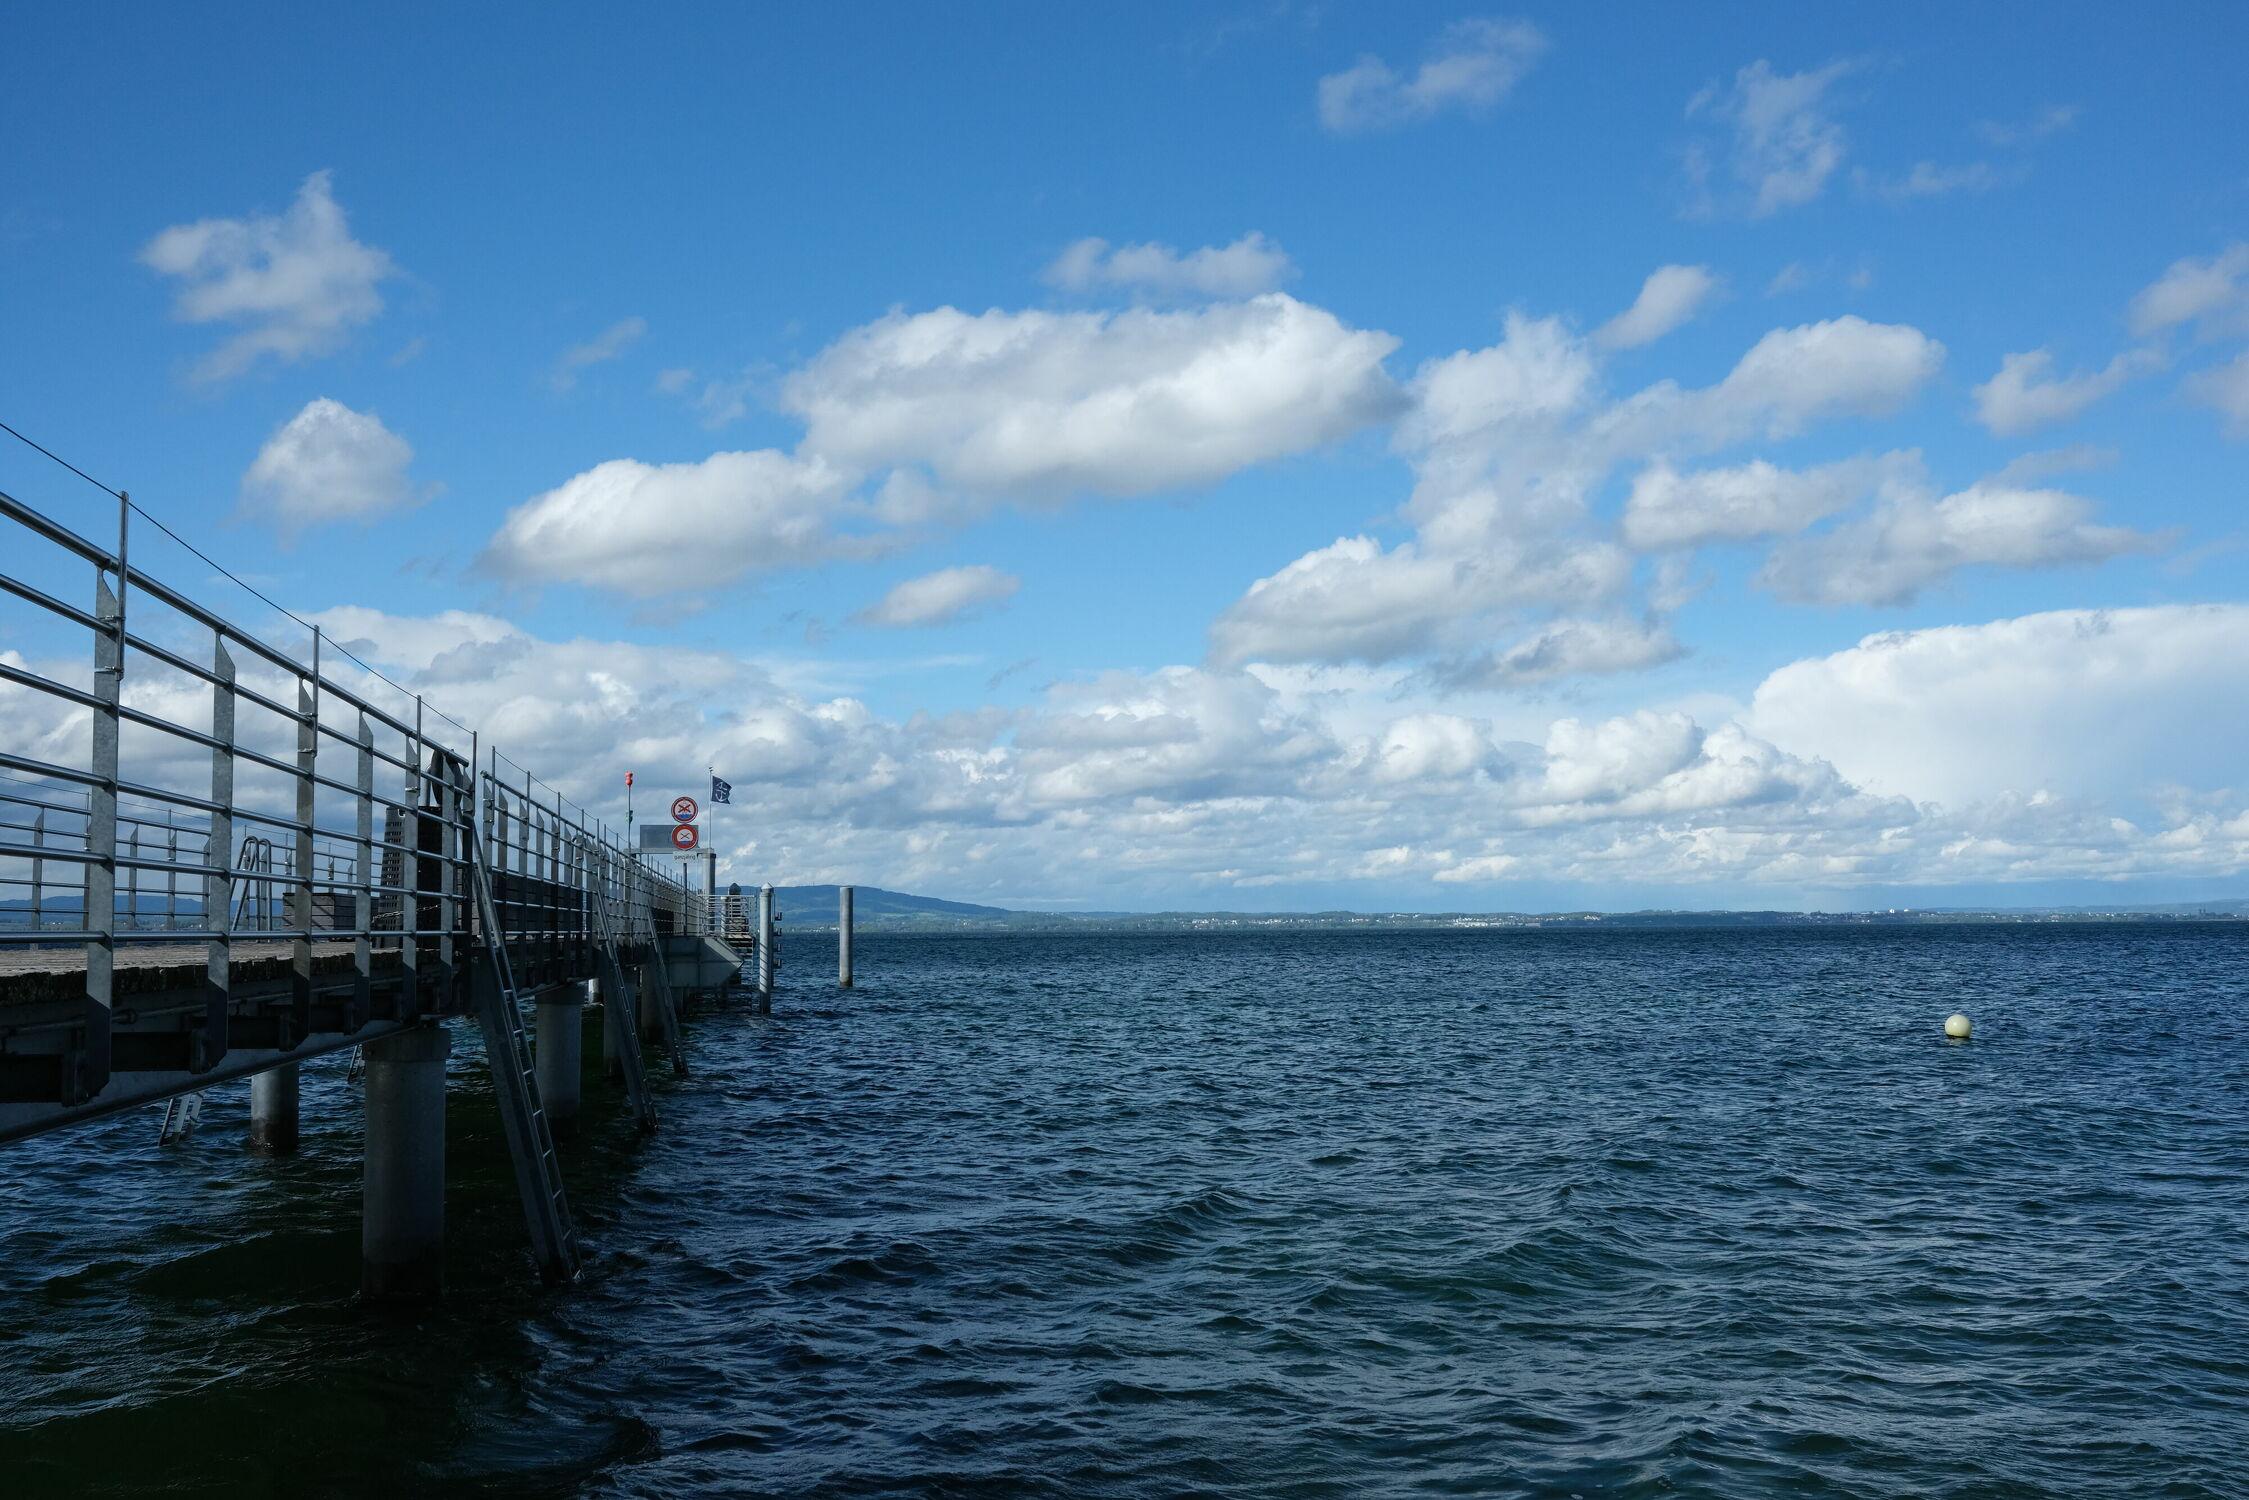 Bild mit Himmel, Wolken, Schiff, boot, Bodensee, Schweiz